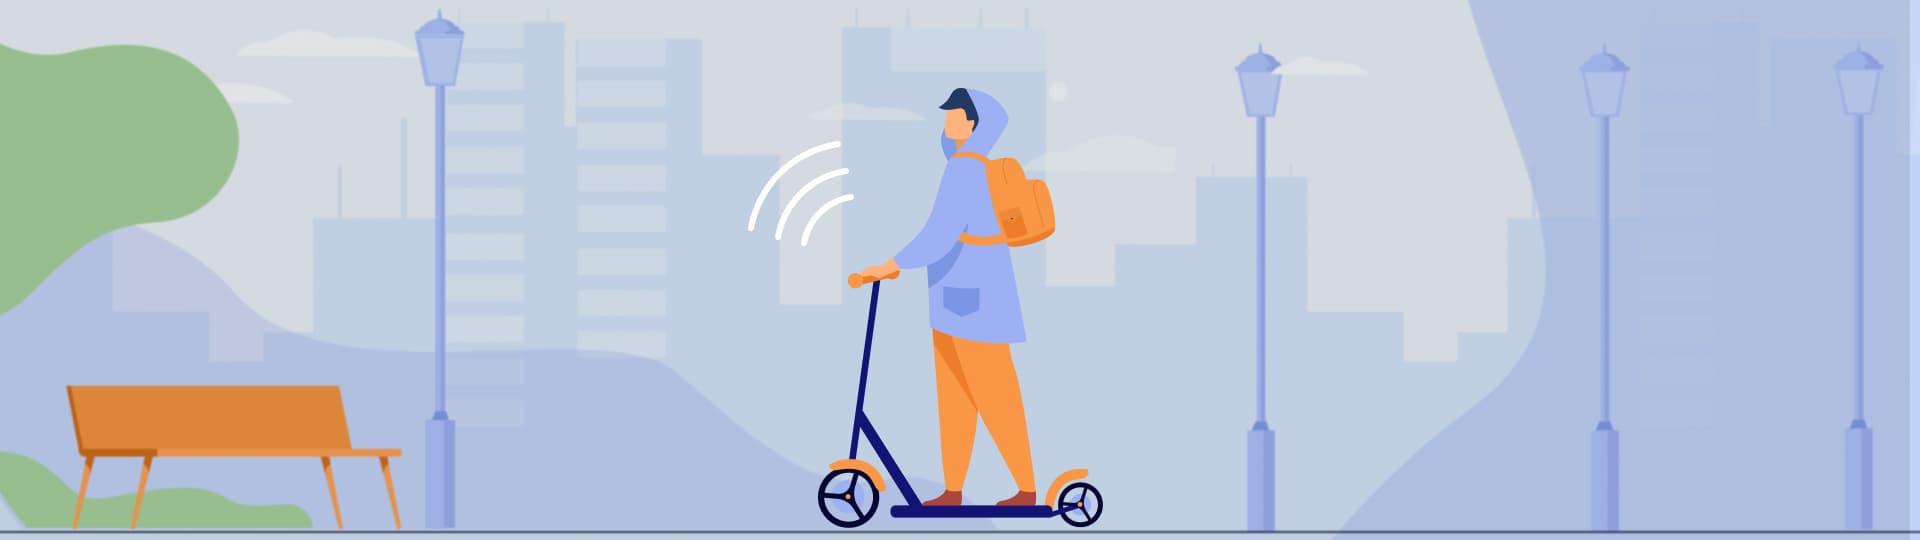 GPS контроль электроскутеров, электросамокатов и гиробордов